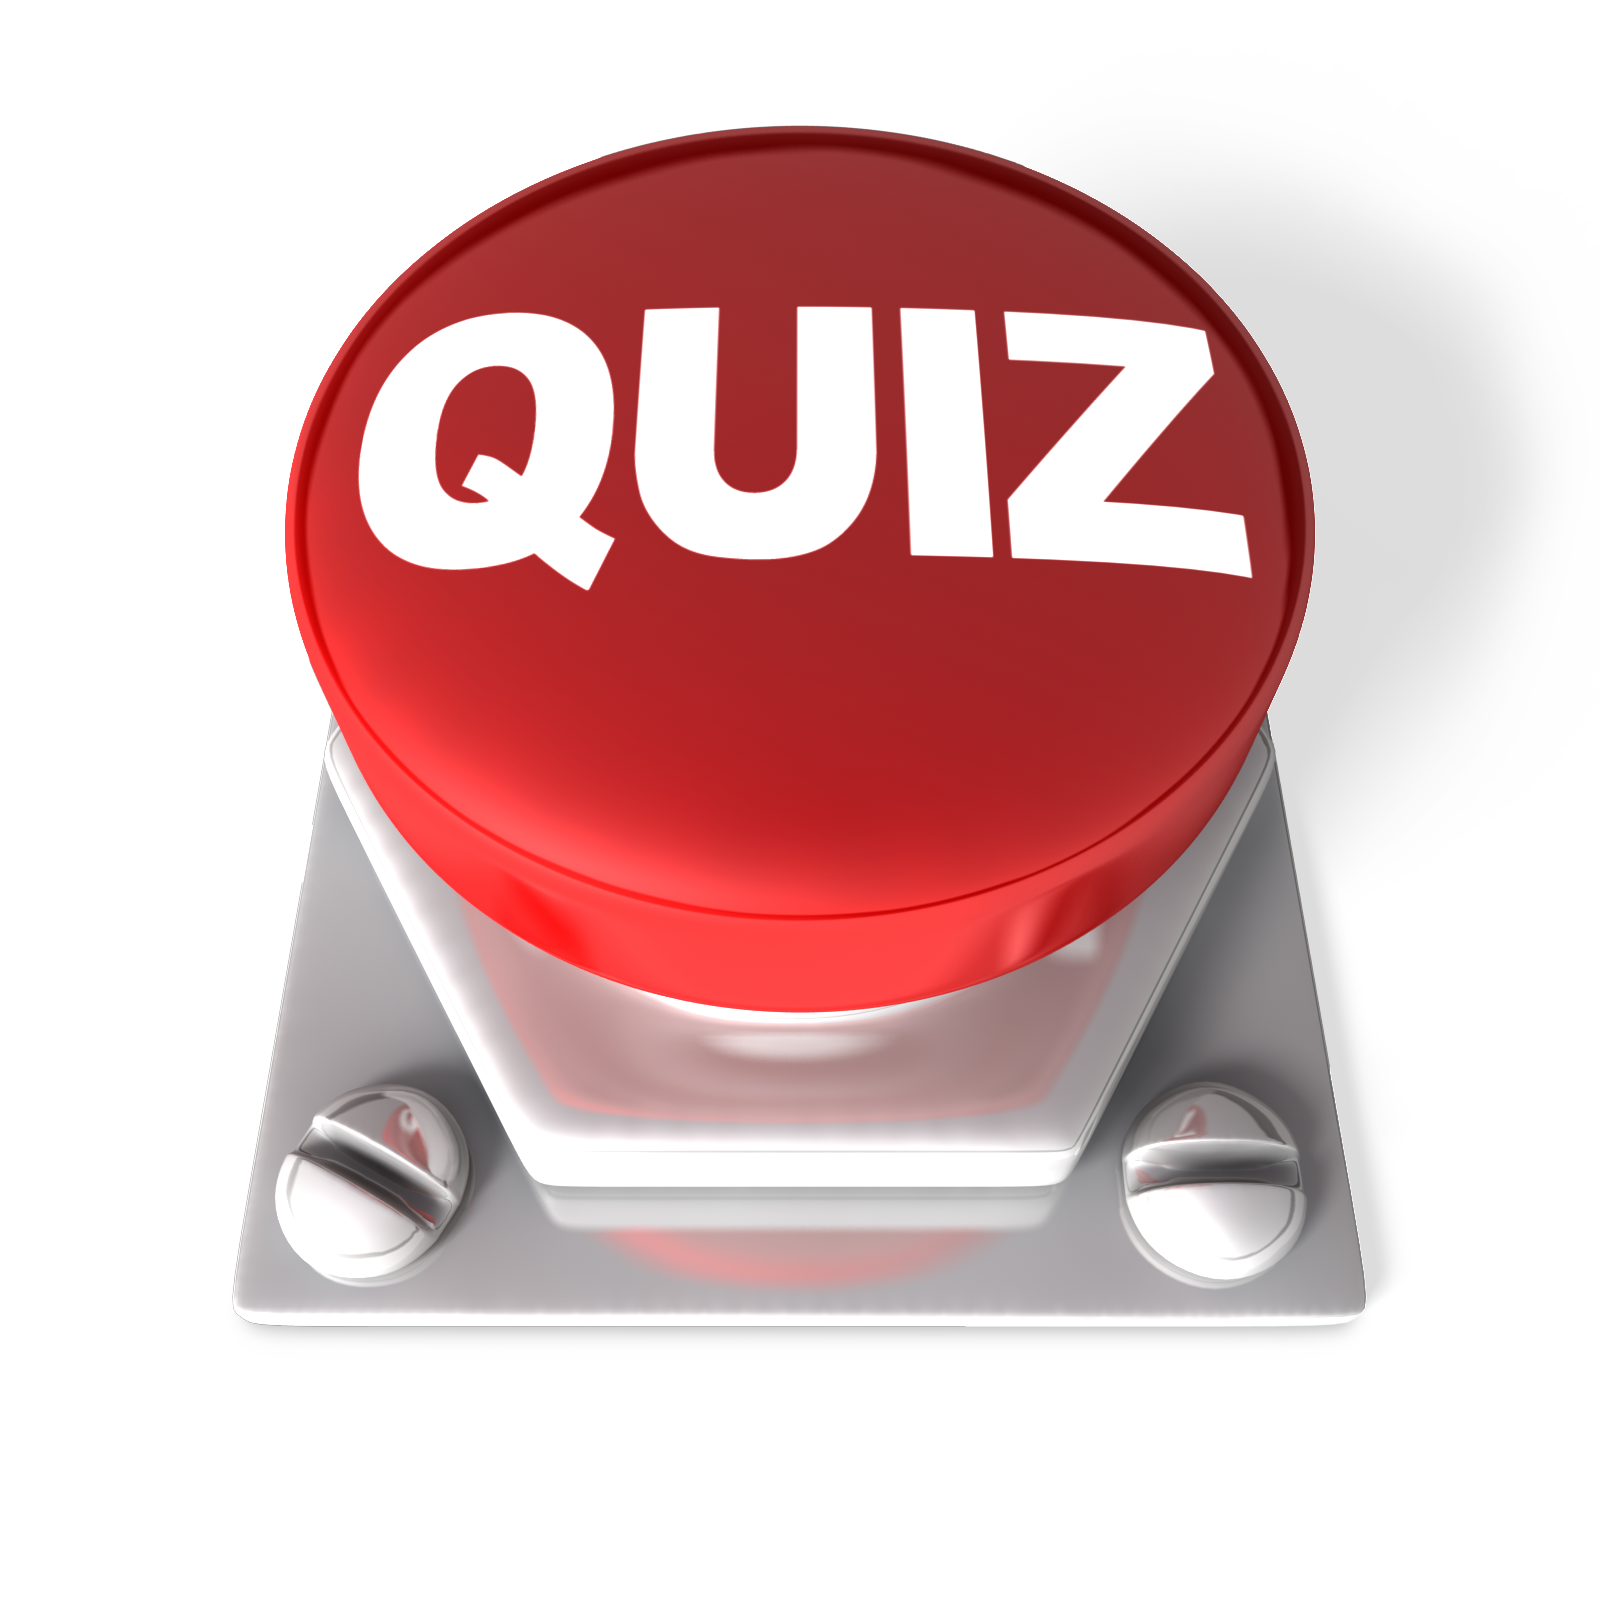 clip art Images of Quiz Bowl Clip Art